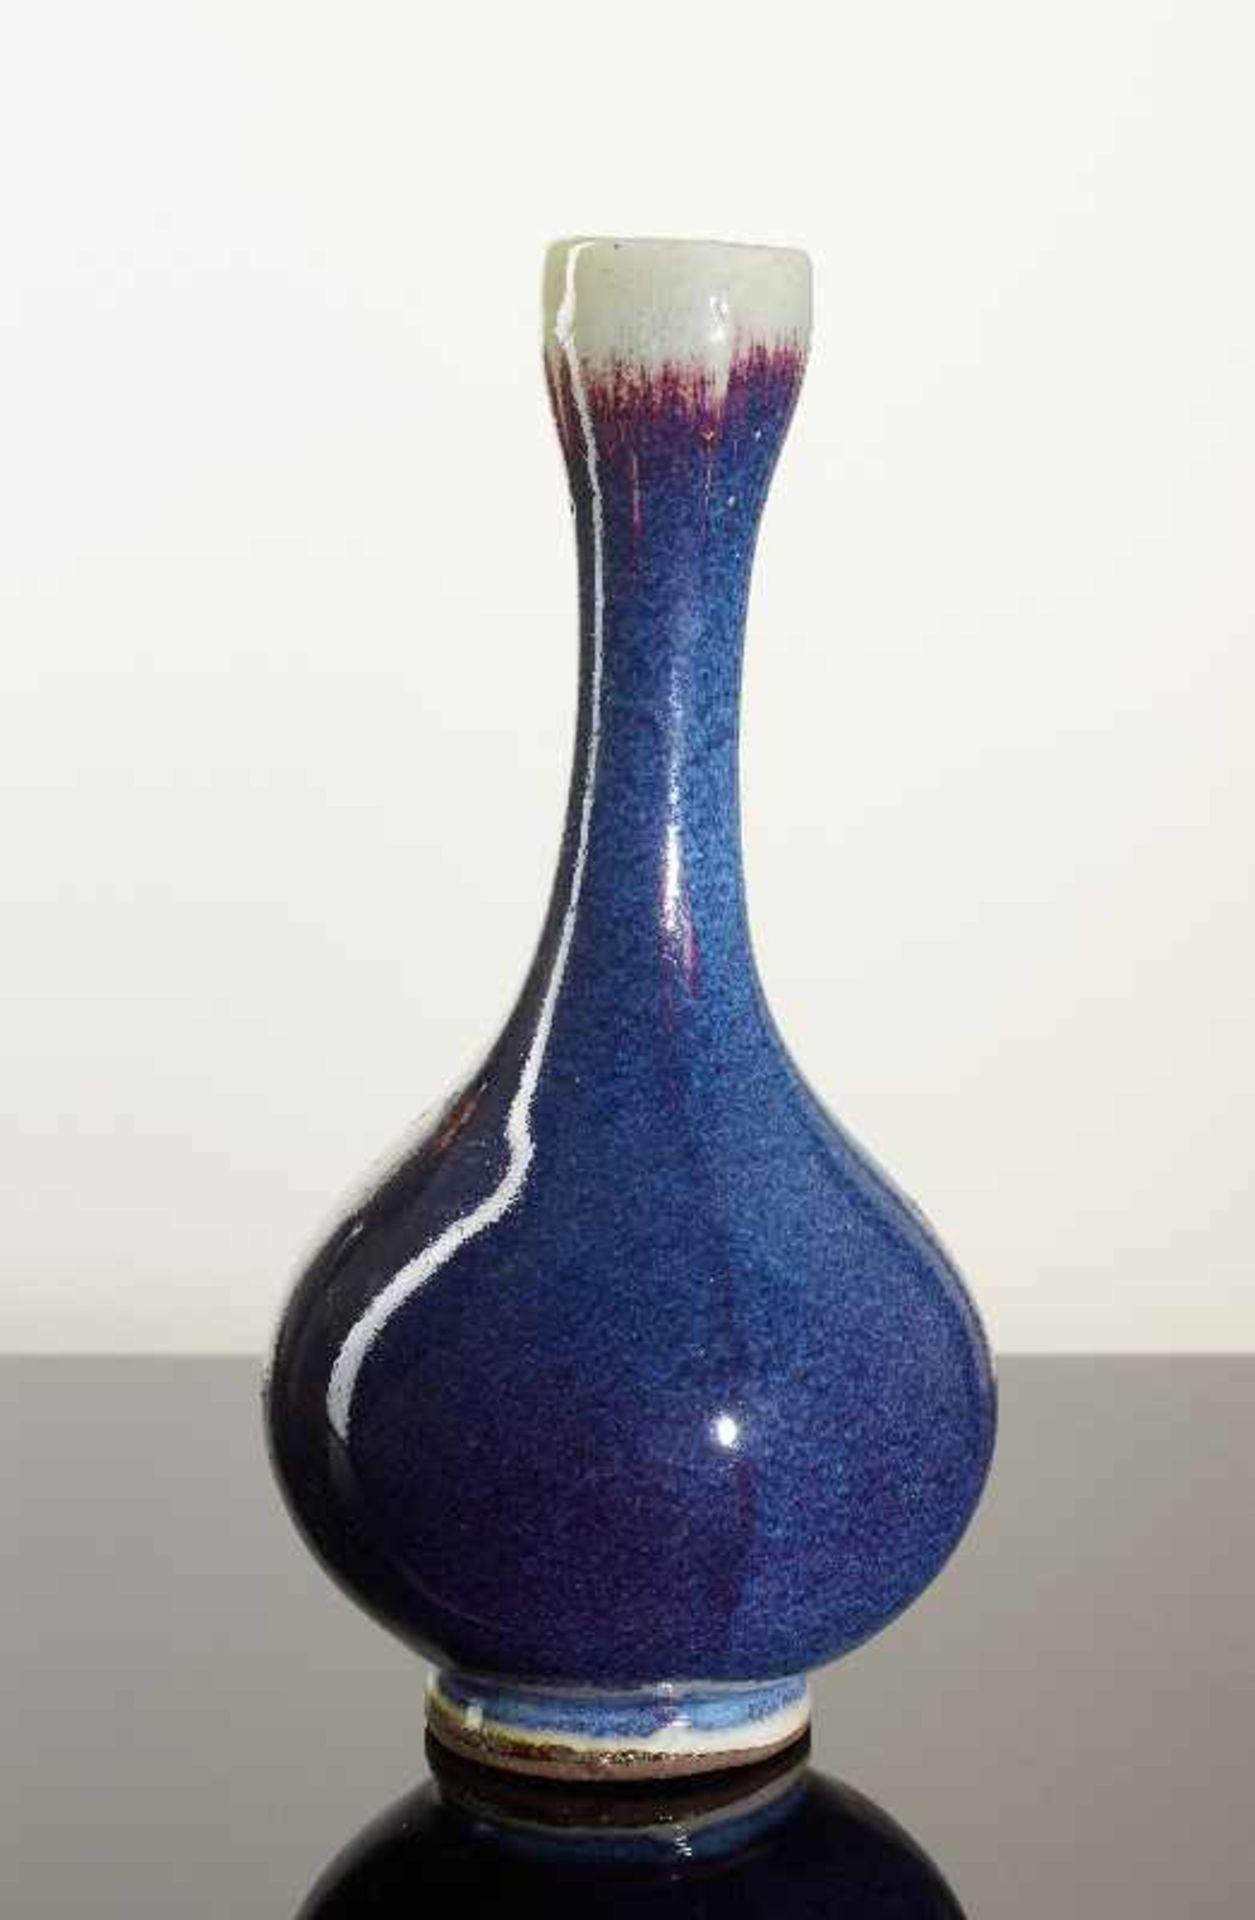 HOHE VASE Glasierte Keramik (Steinzeug). China, verm. 1. Drittel 20. Jh. Kugeliger Körper mit